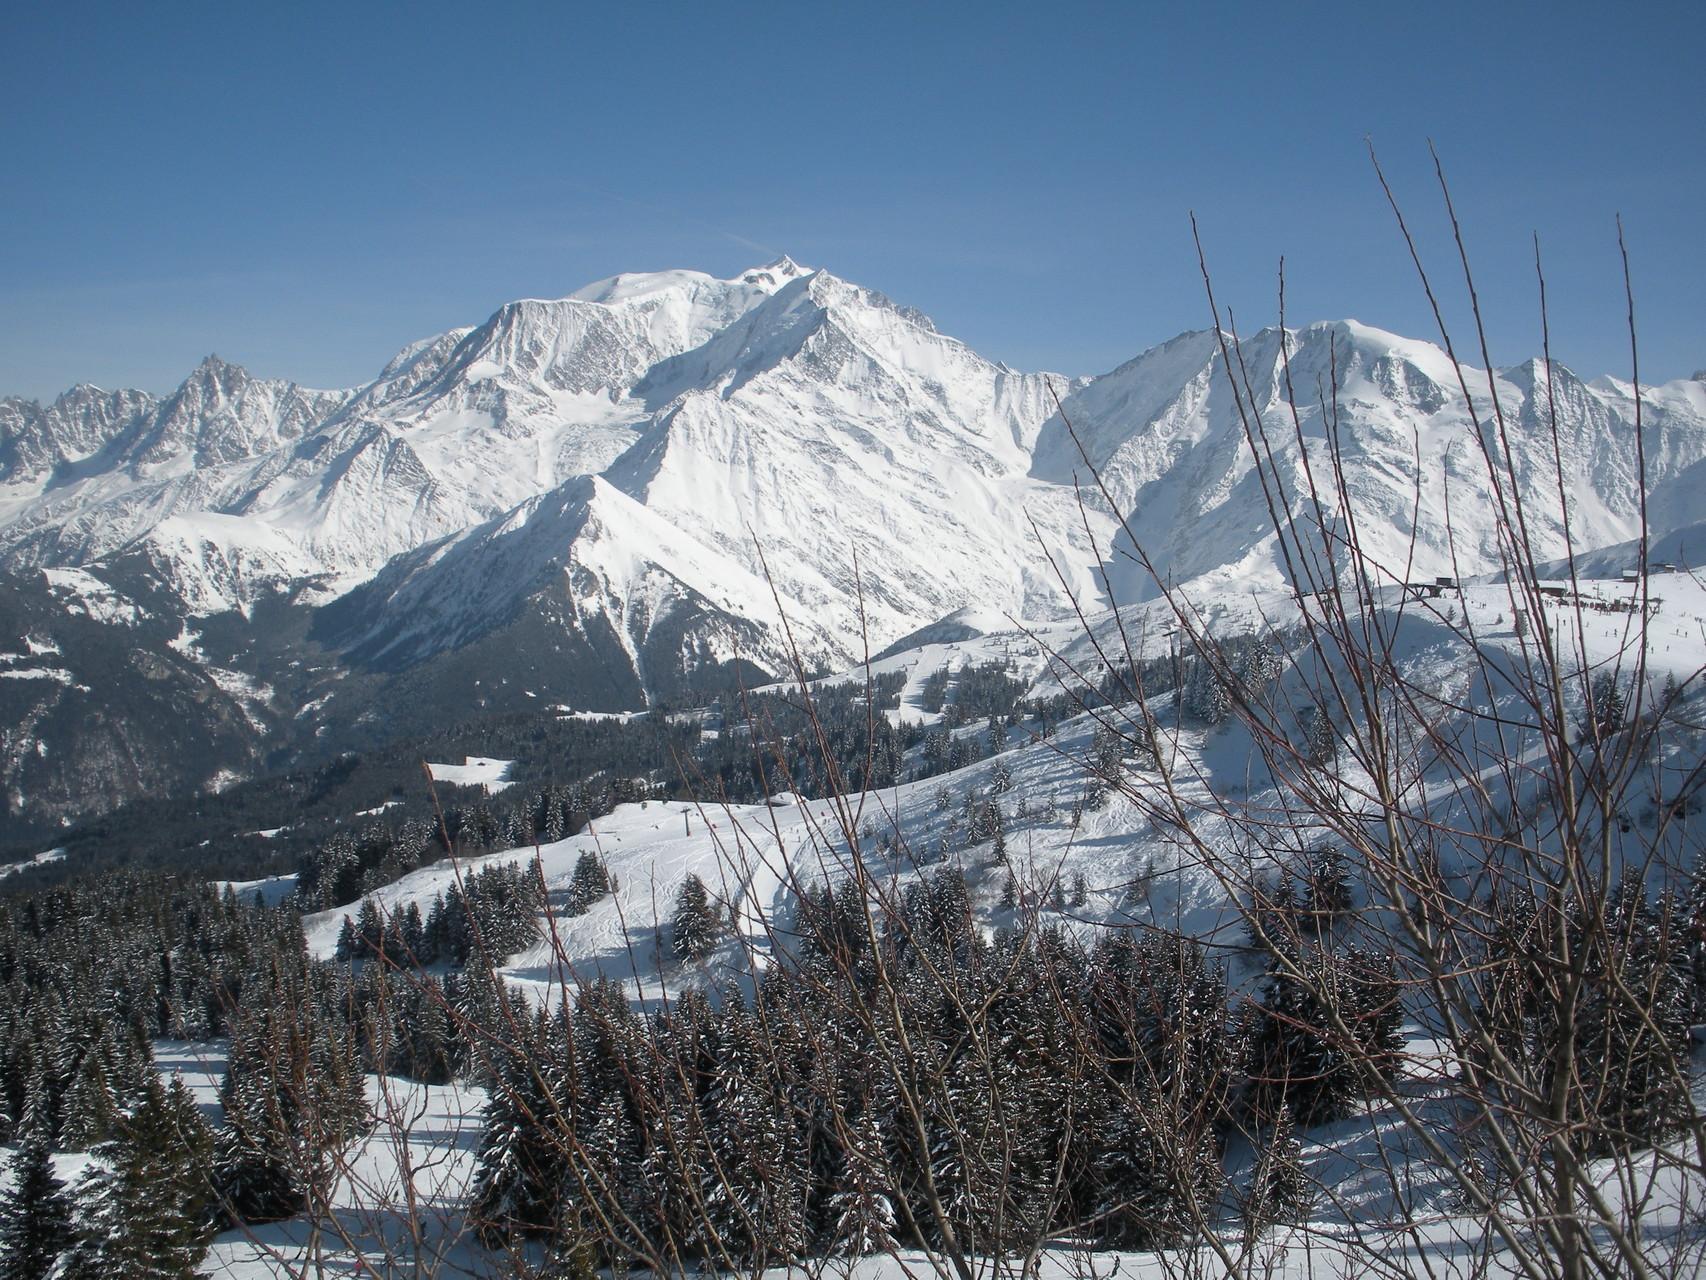 Vue du domaine skiable (Mont Blanc)